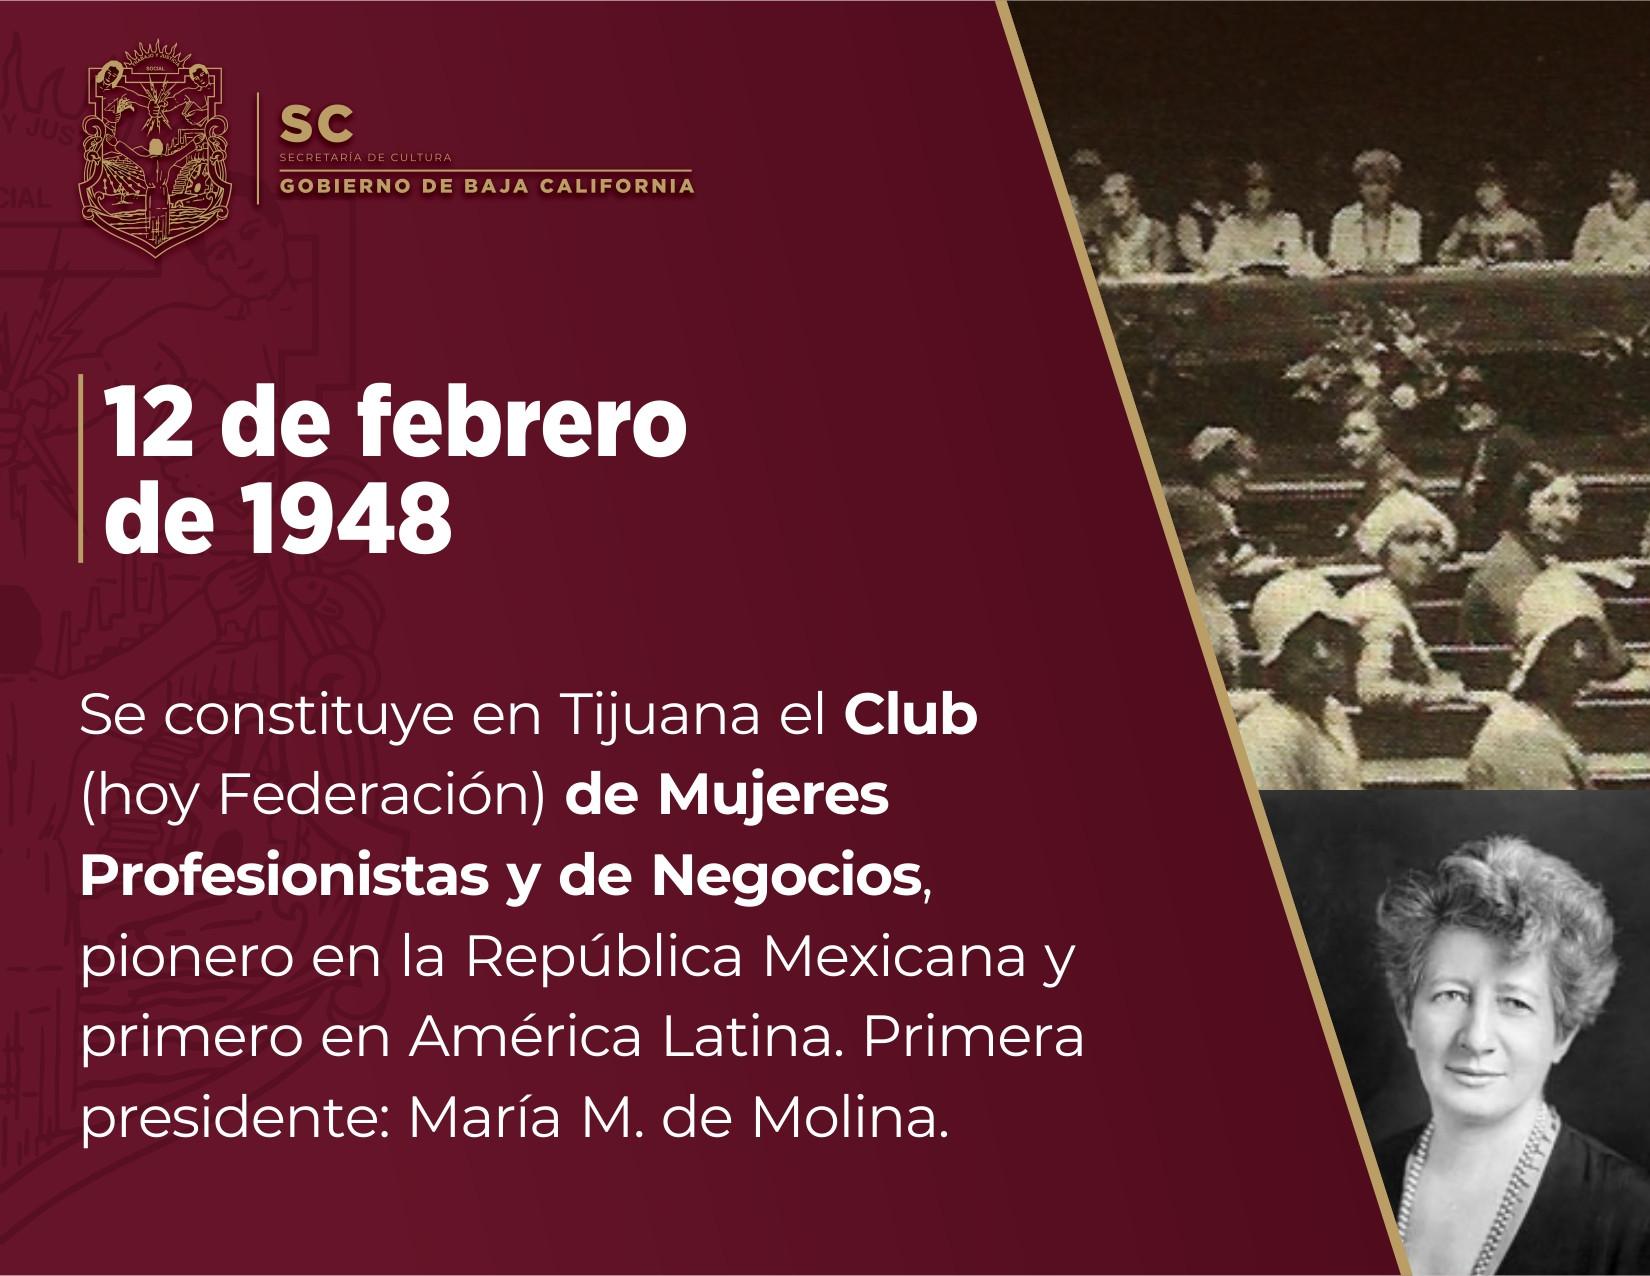 72 años de la fundación de la Asociación de Mujeres Profesionistas y de Negocios de Tijuana